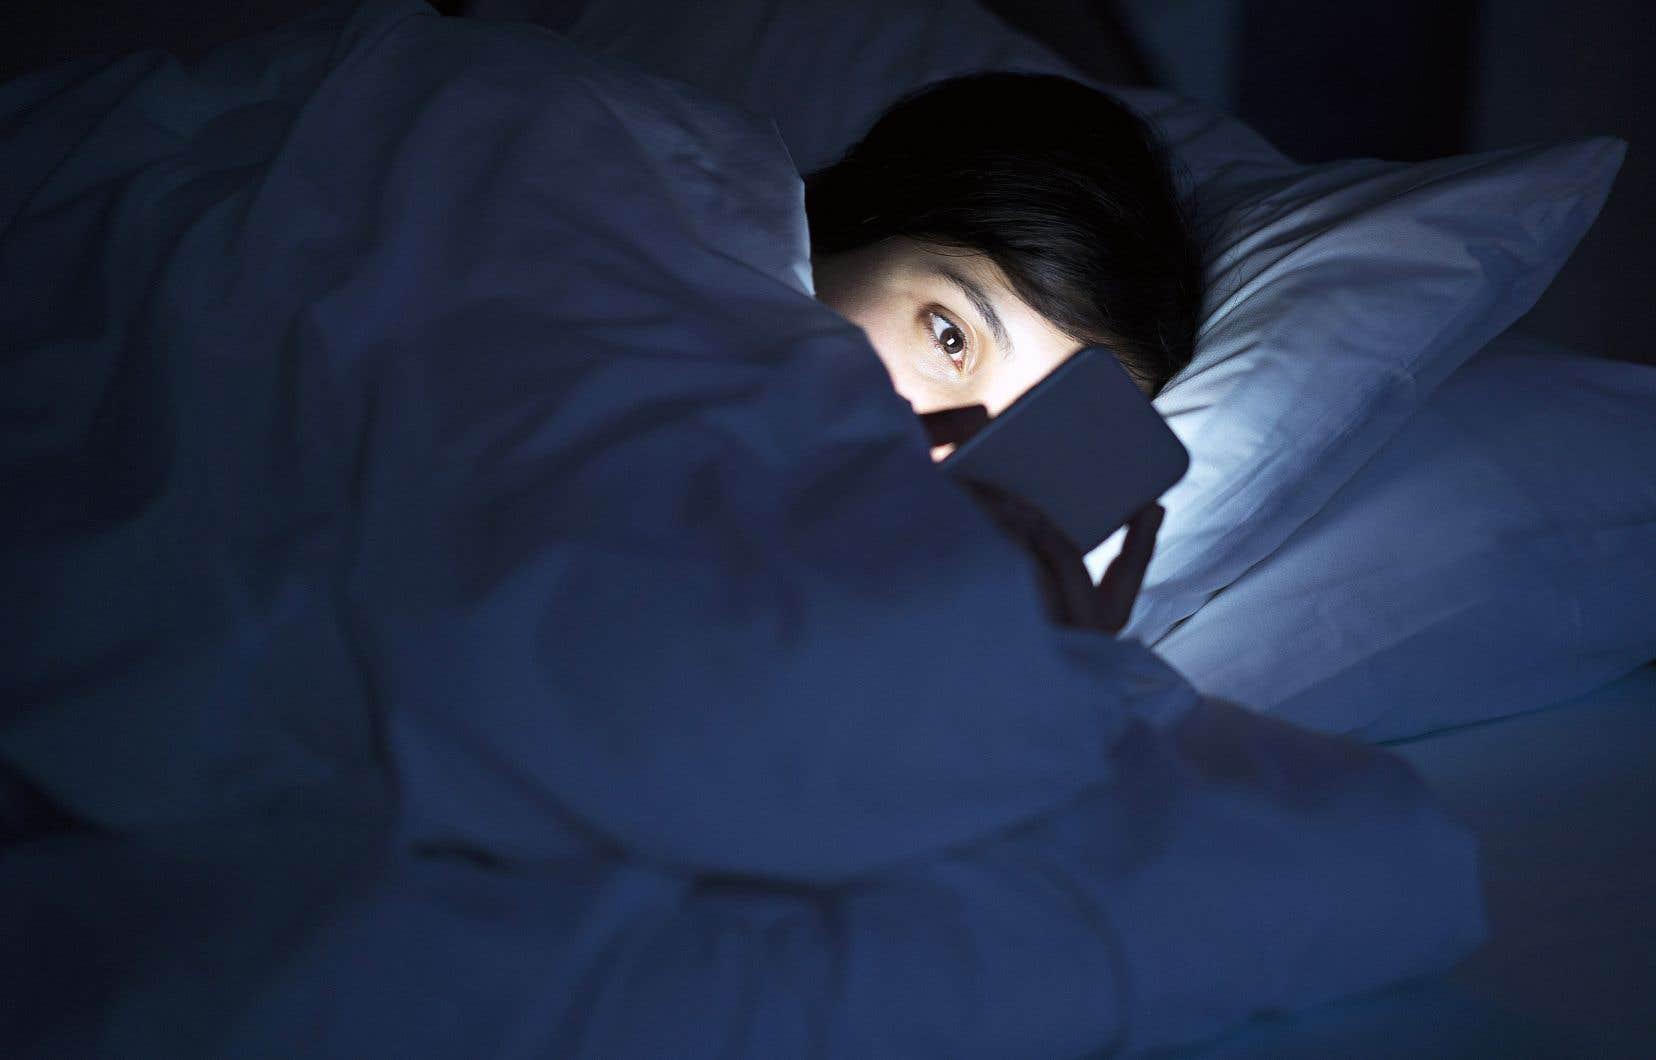 La mobidépendance, qui touche en particulier les jeunes, se manifeste par un usage compulsif du téléphone intelligent.